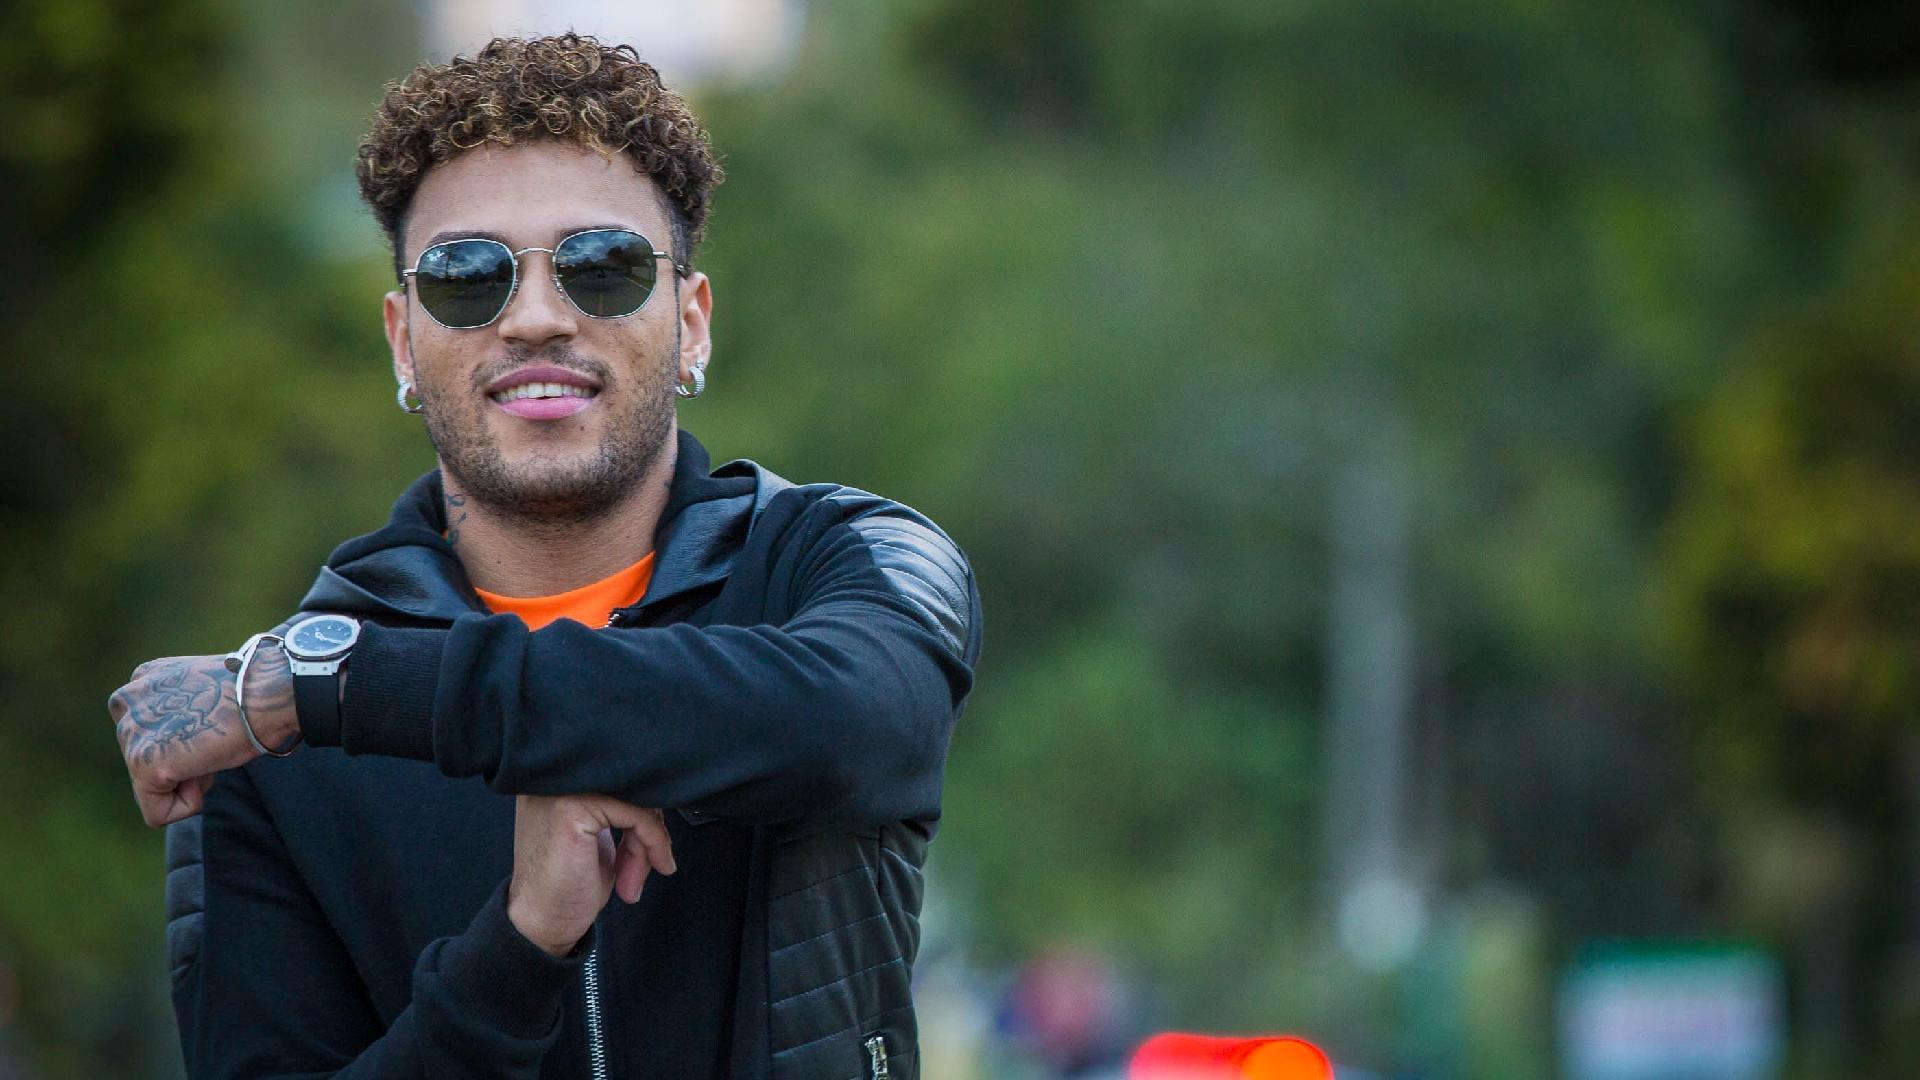 Gabriel Lucas, sósia de Neymar, faz o famoso gesto do